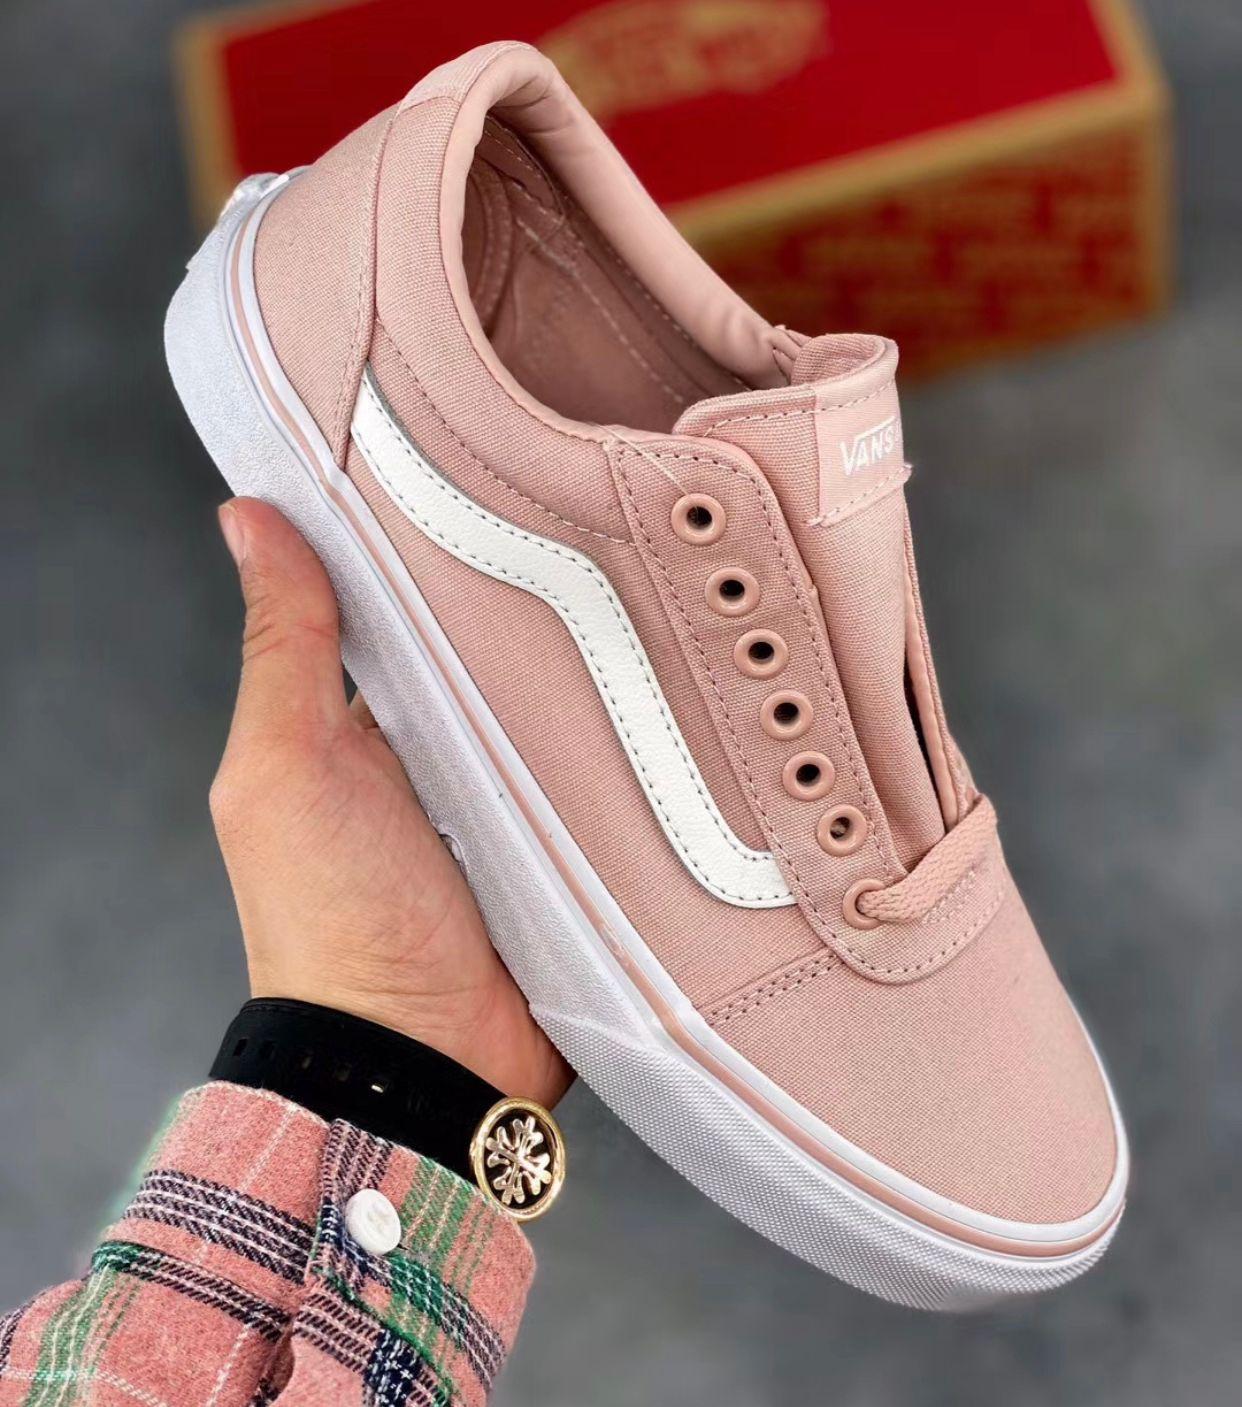 莆田鞋aj11代怎么样?